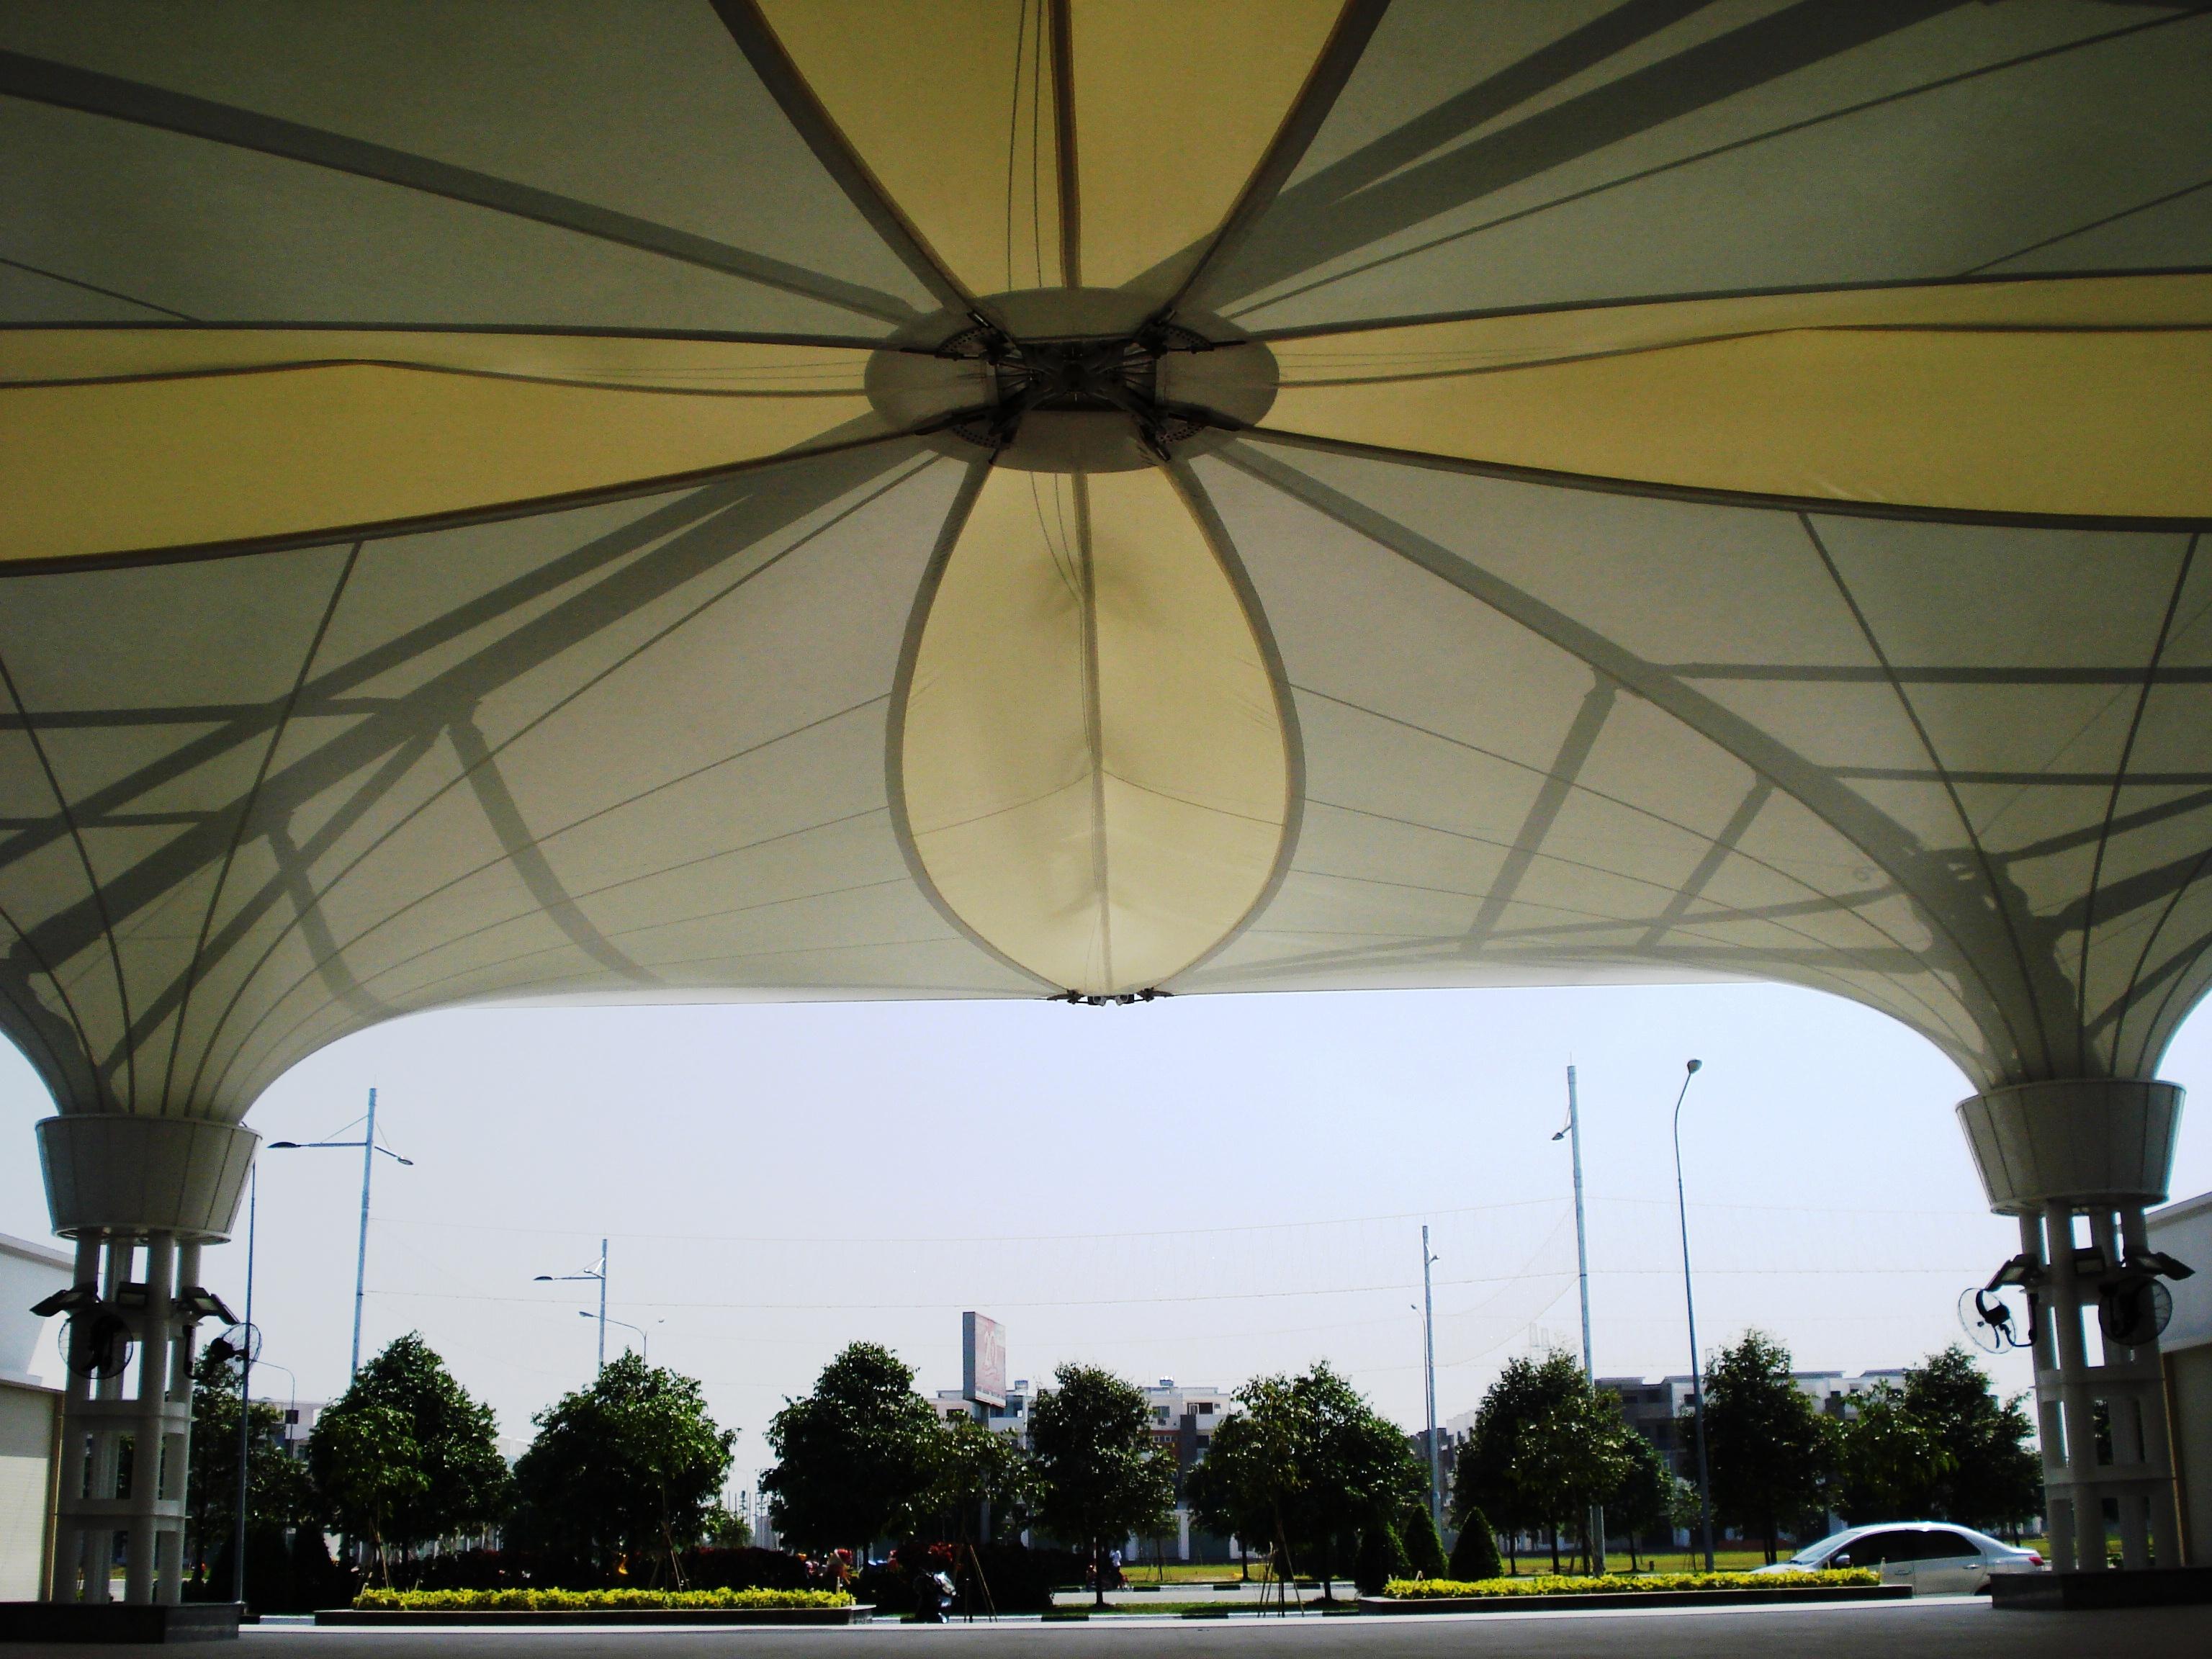 #57 Bạt Căng Phễu Nhiều Chóp 01| Multi Peak Tensile Umbrella